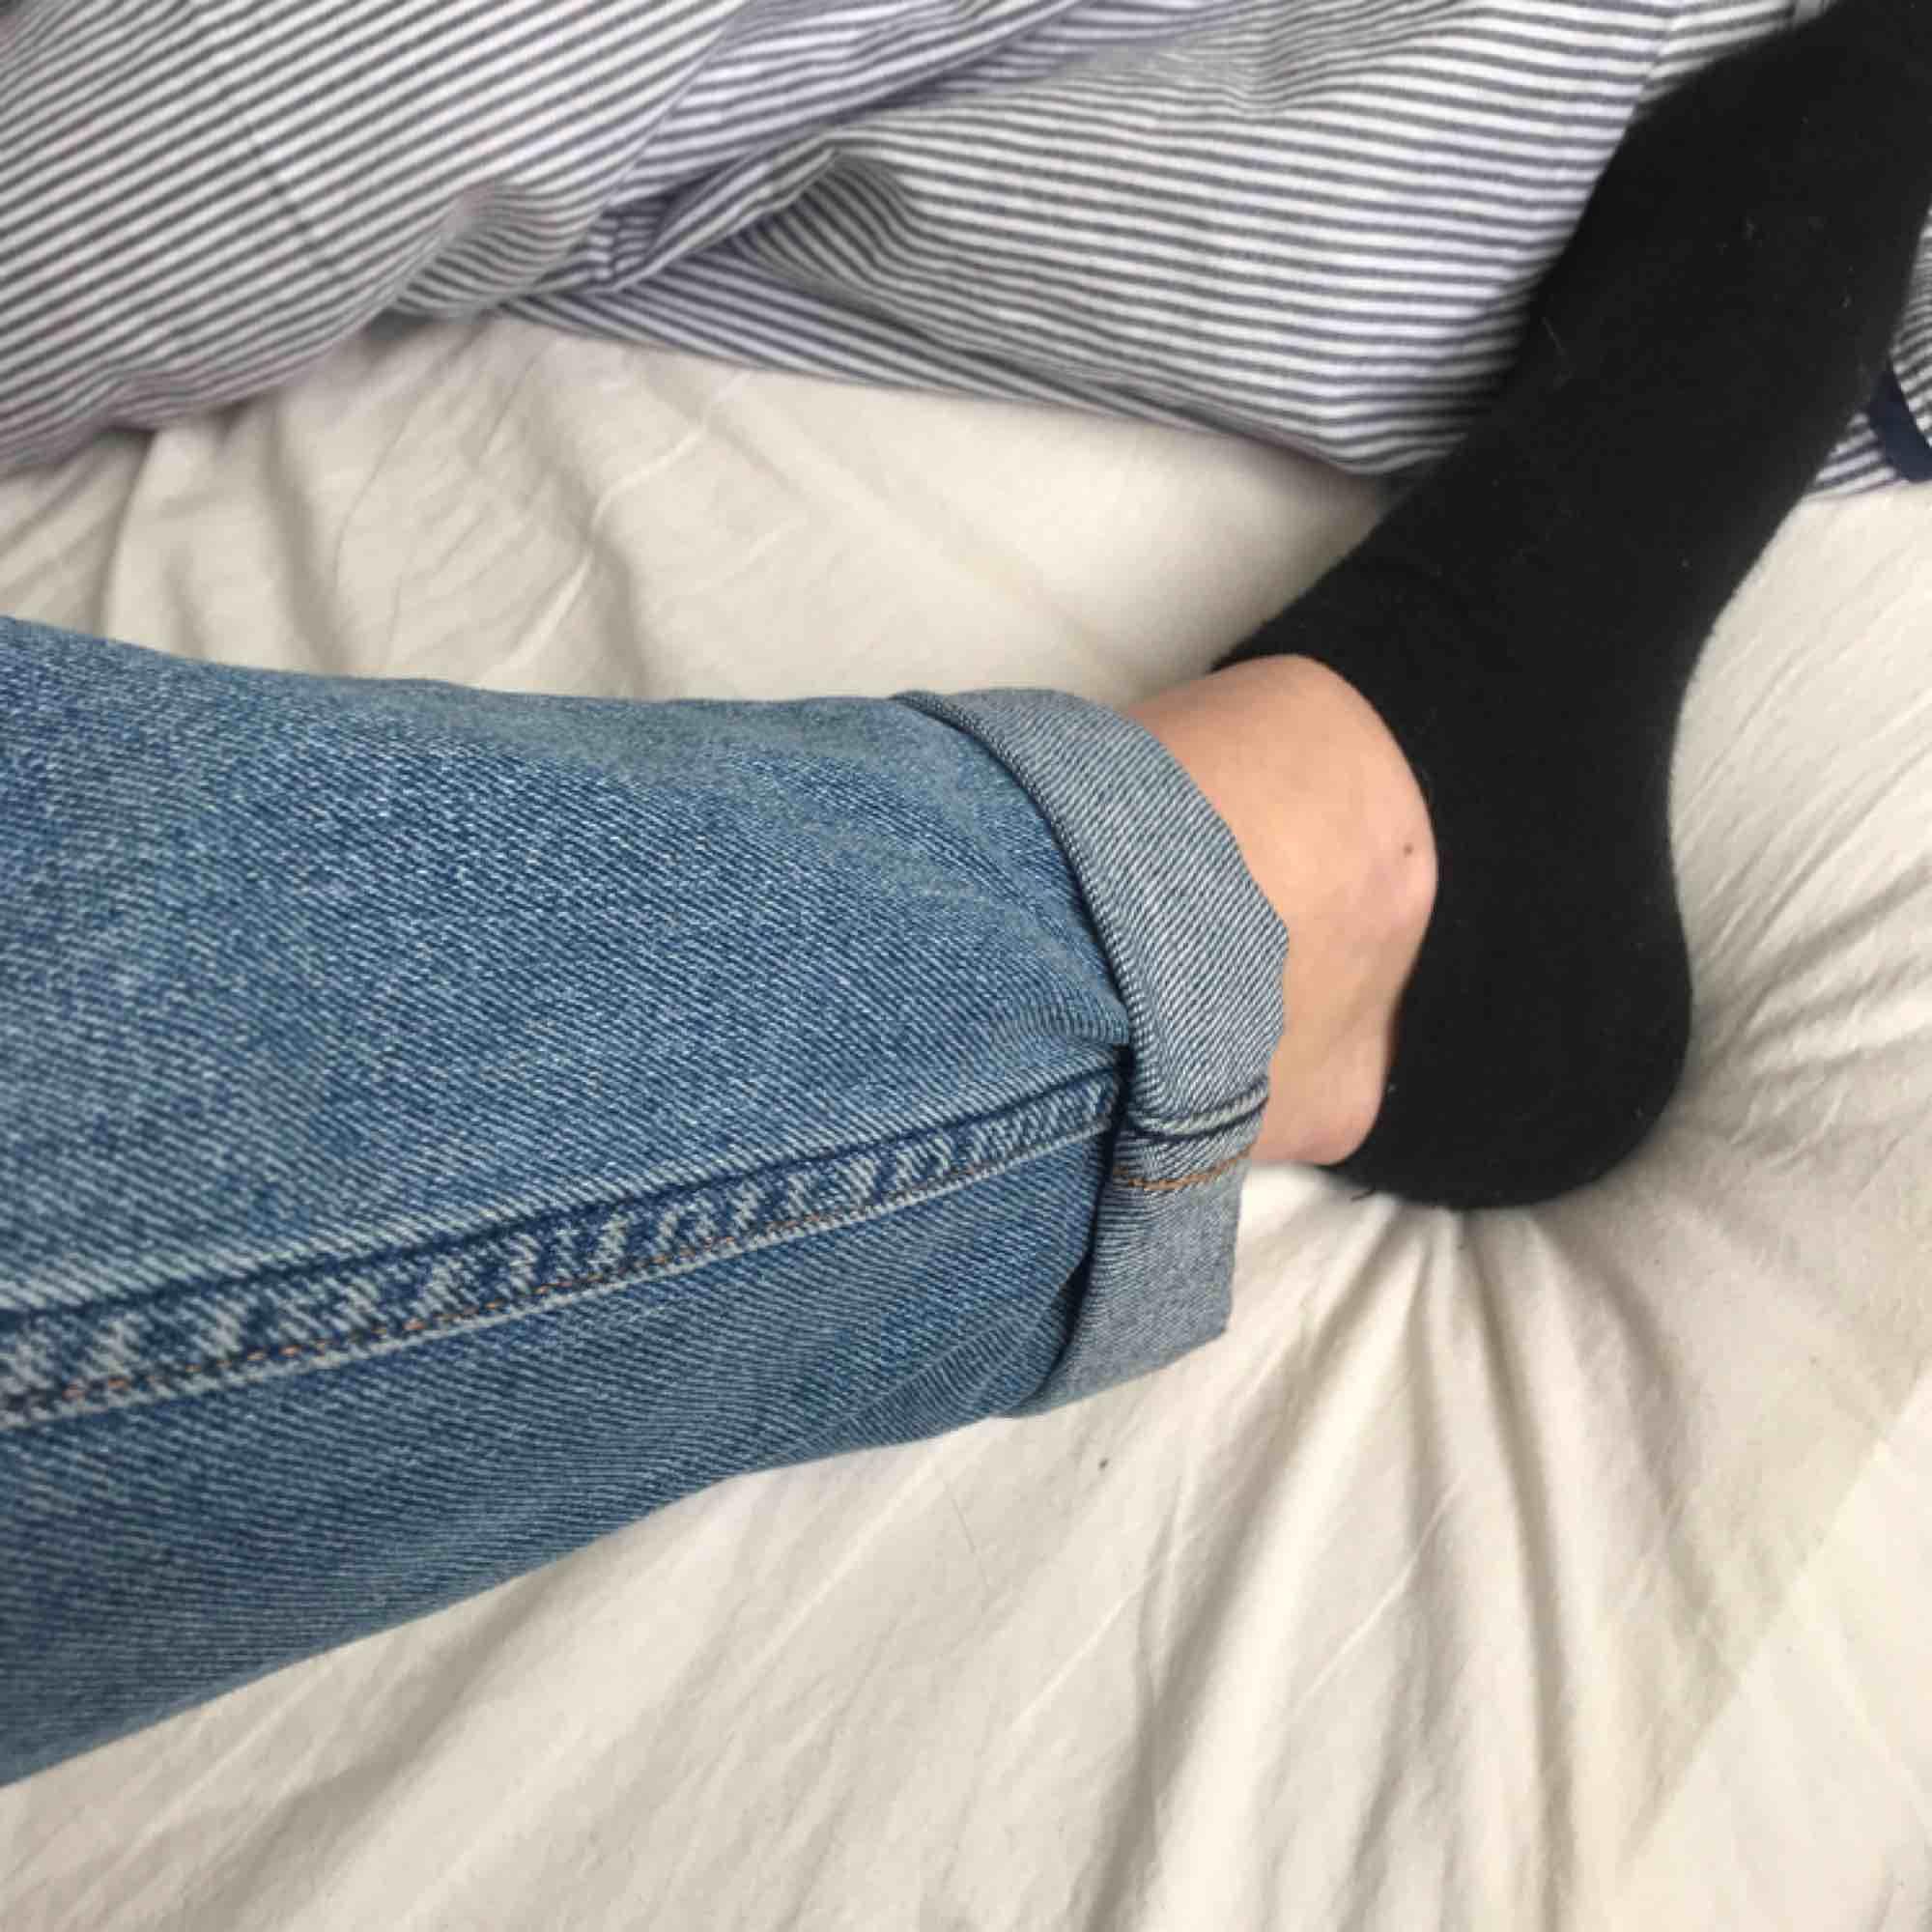 Säljer nu ett av mina par favoritjeans ifrån Weekday! Jag har så många så jag måste, dom är i jätte fint skick och har inga skavanker. Dom är super sköna och sitter såååå snyggt på😊. Jeans & Byxor.